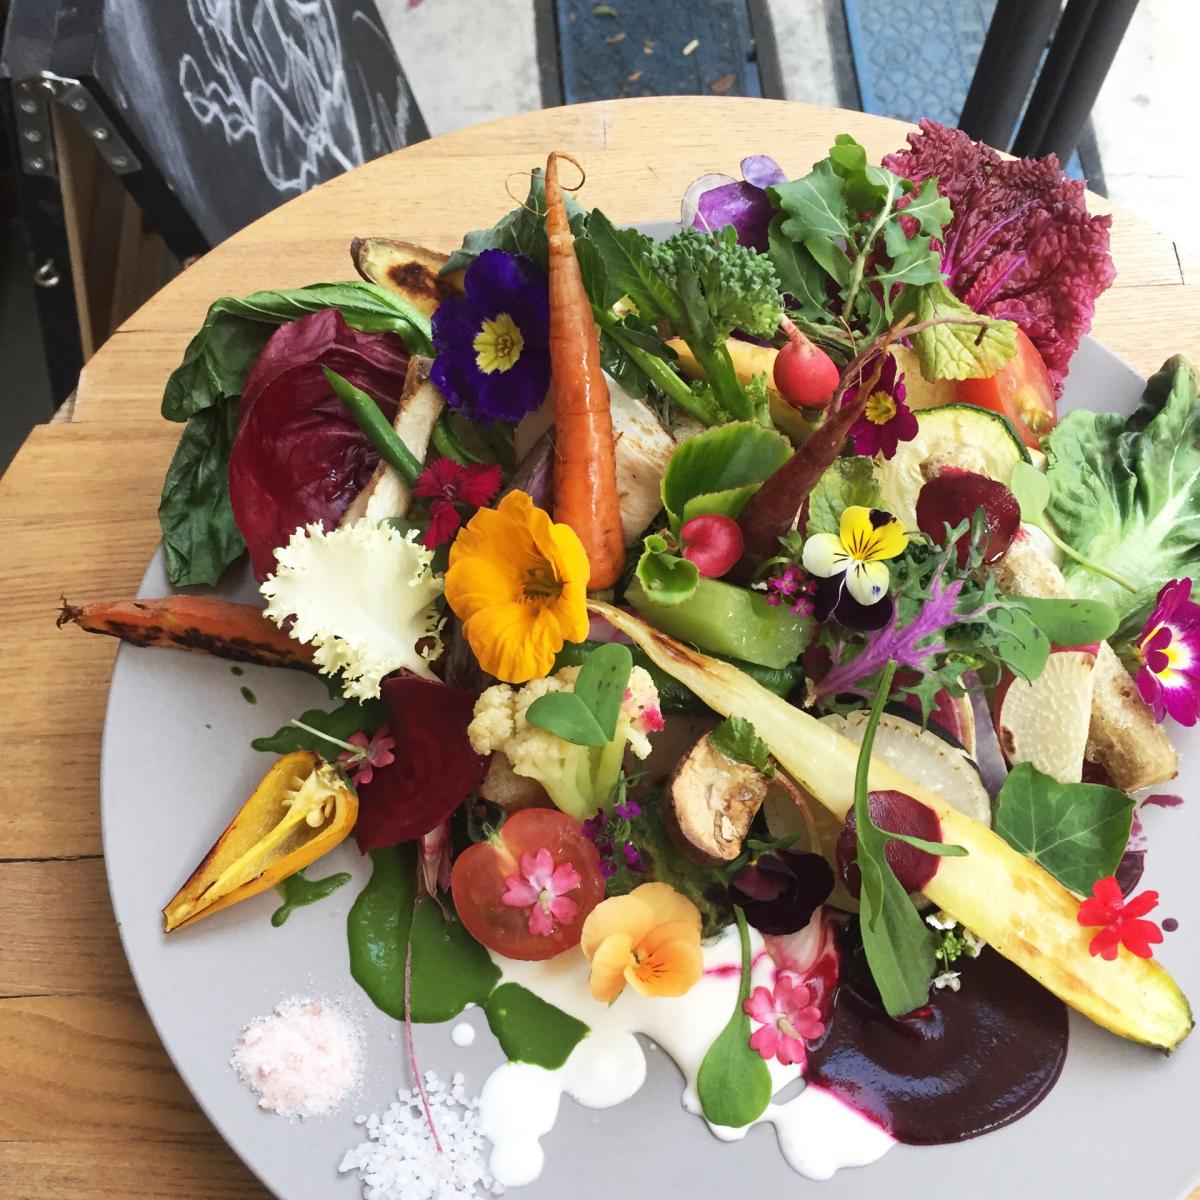 開運フードとして挙がったのは、有機野菜など素材そのものを生かした料理。代々木上原のレストラン「Offf」の彩り鮮やかなメニューはぴったり!